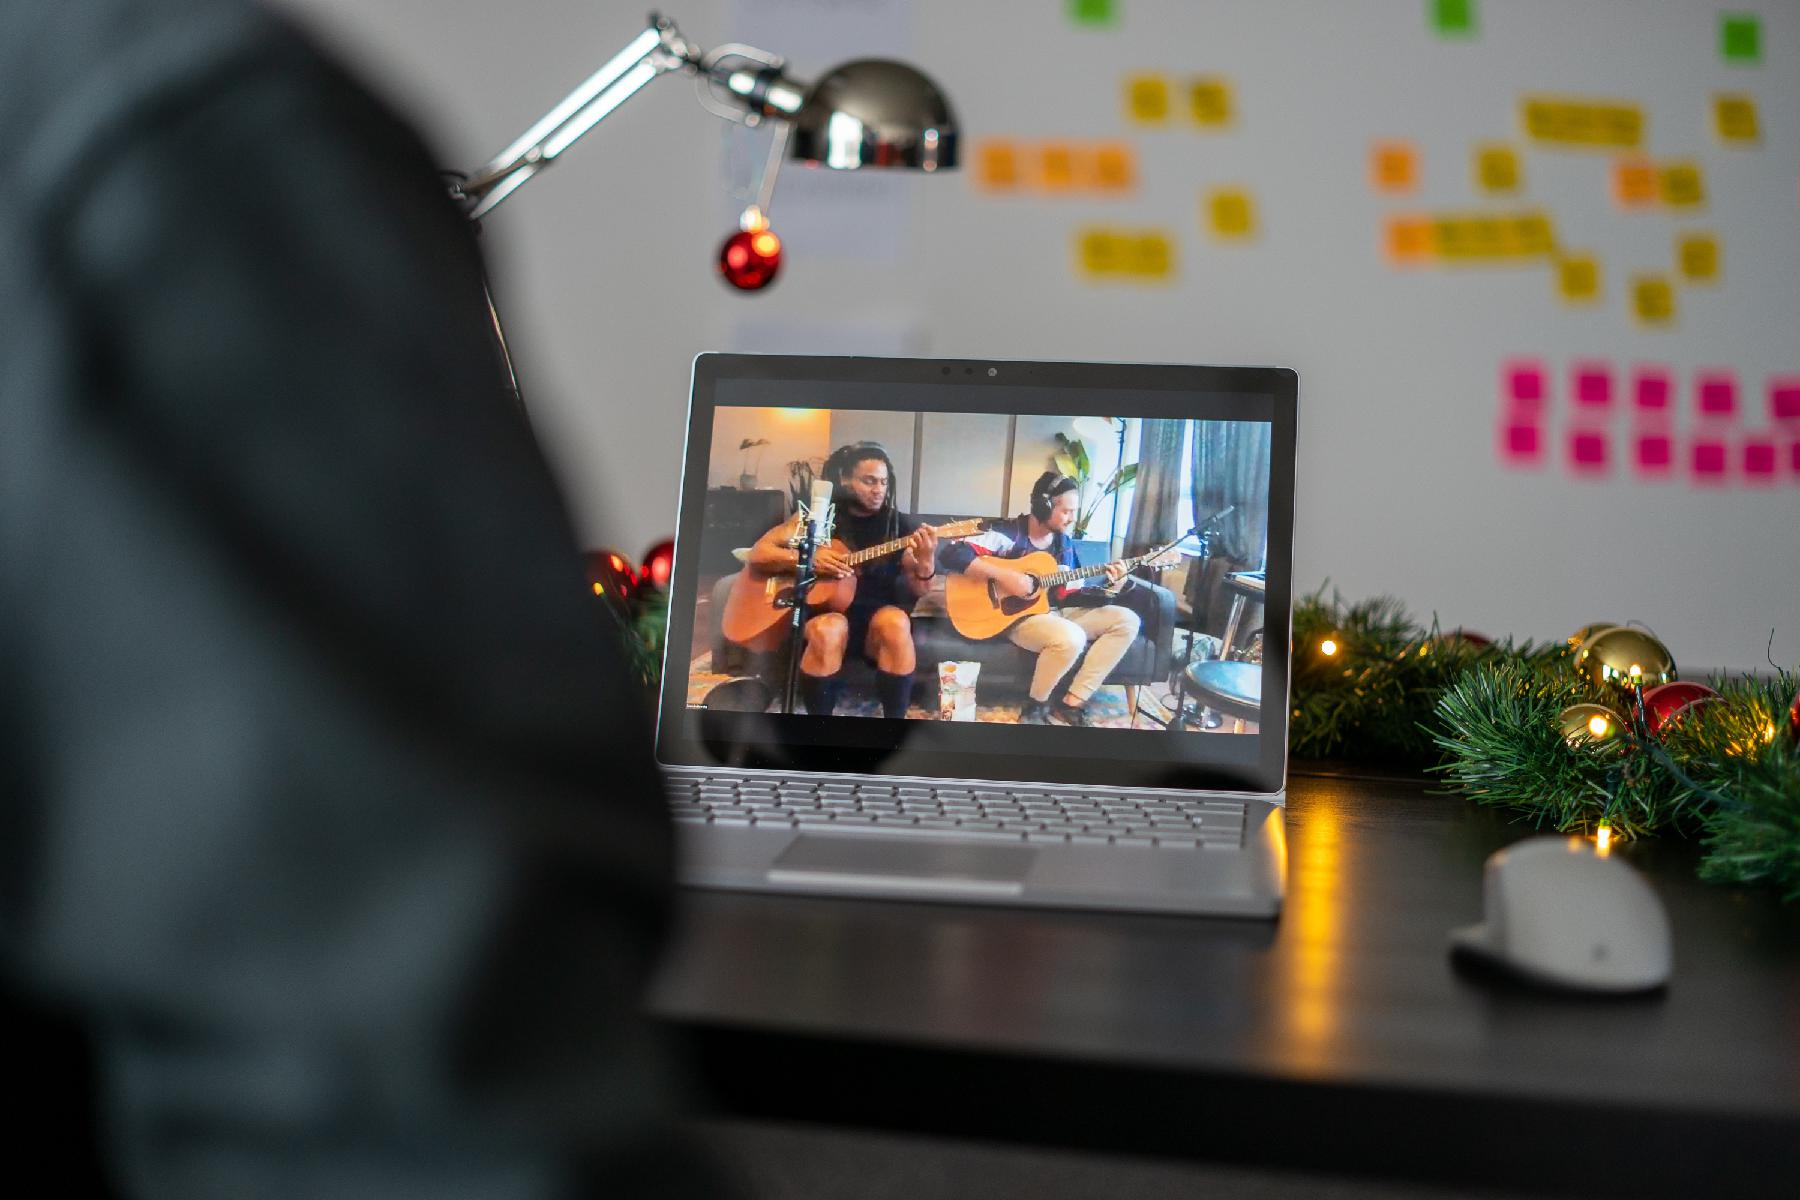 Mitarbeitender sieht Musikbotschaft  auf Laptop